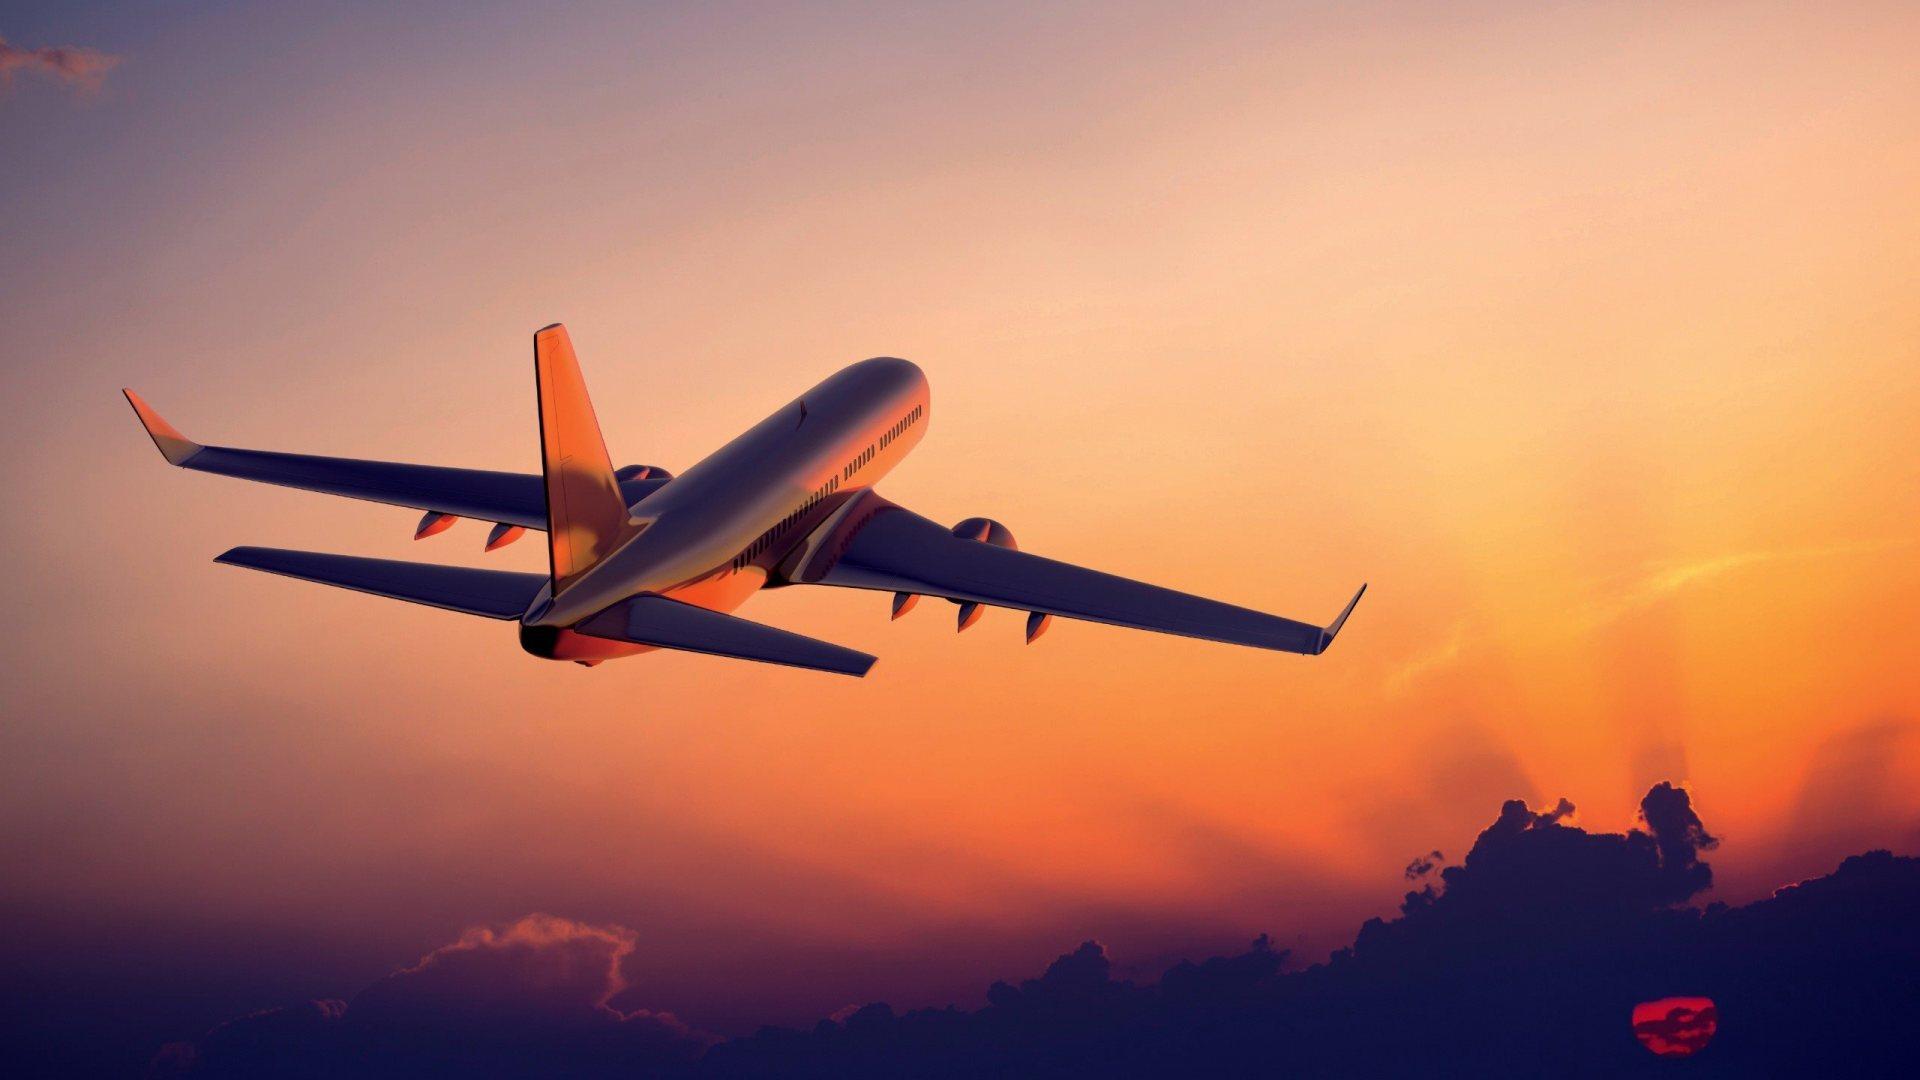 Passenger Aircraft At Sunset Hd Desktop Background HD wallpapers